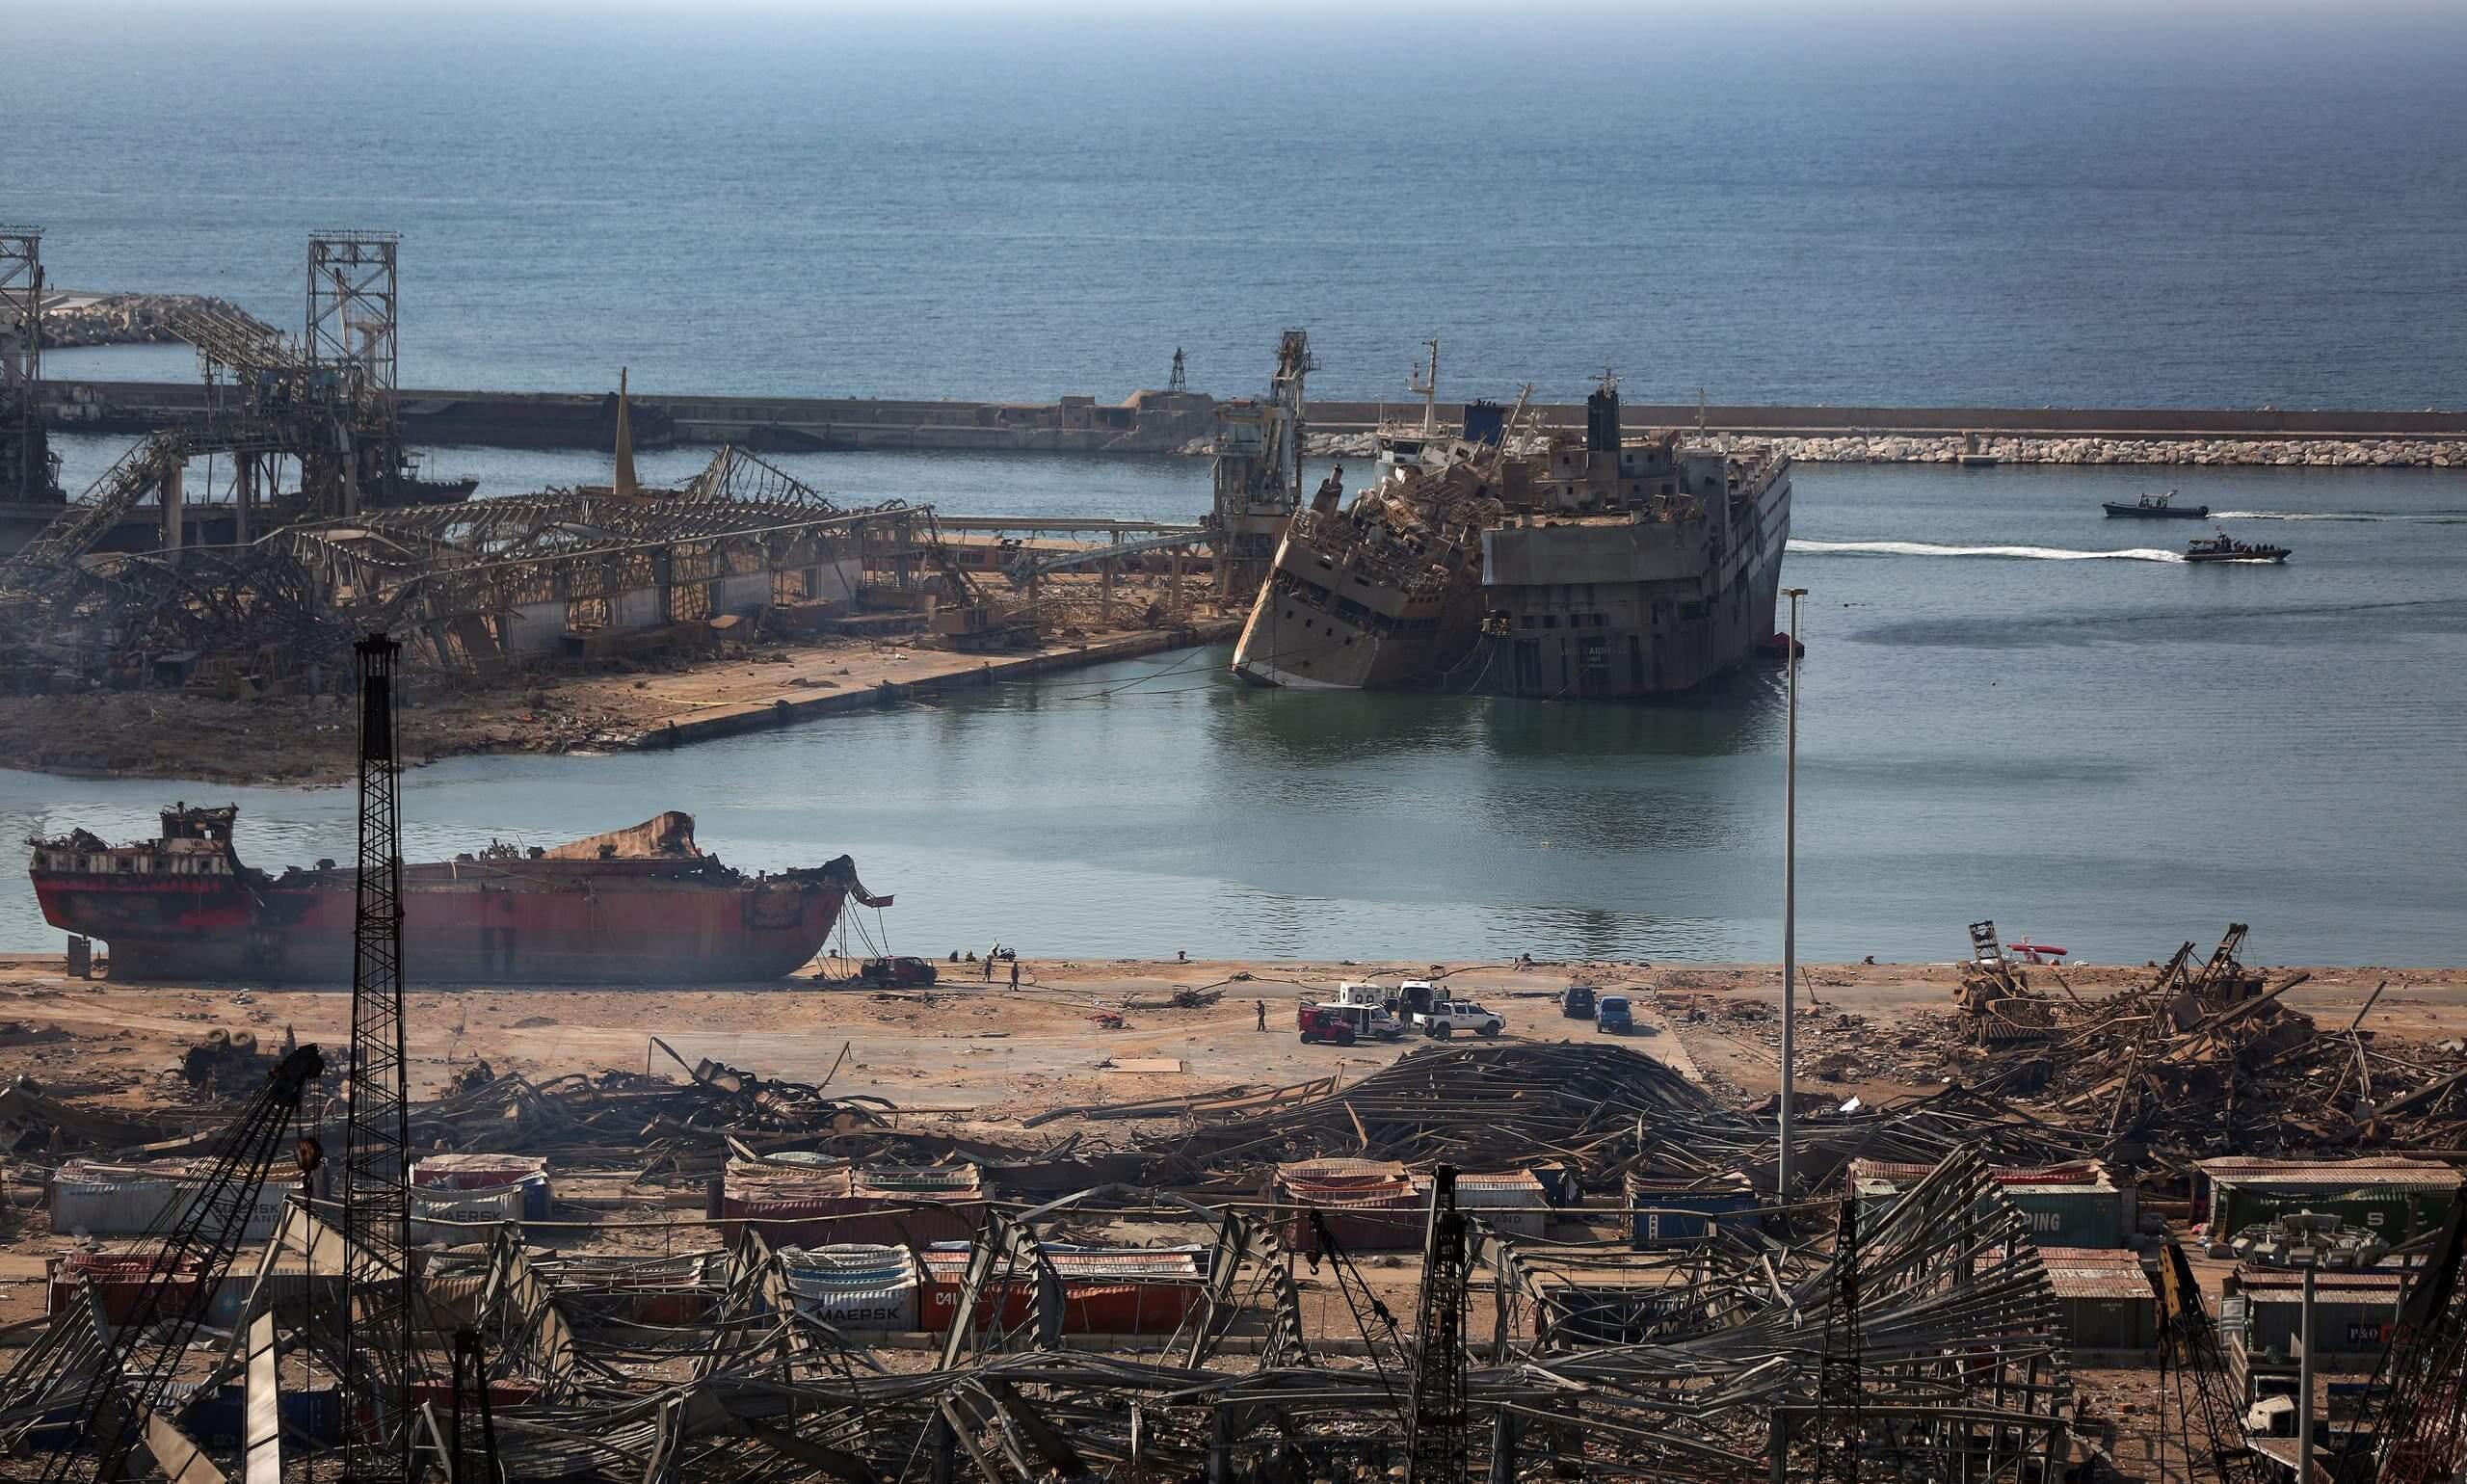 انفجار بيروت: توقيف 16 عاملا بالميناء ووضع اخرين تحت الاقامة الجبرية